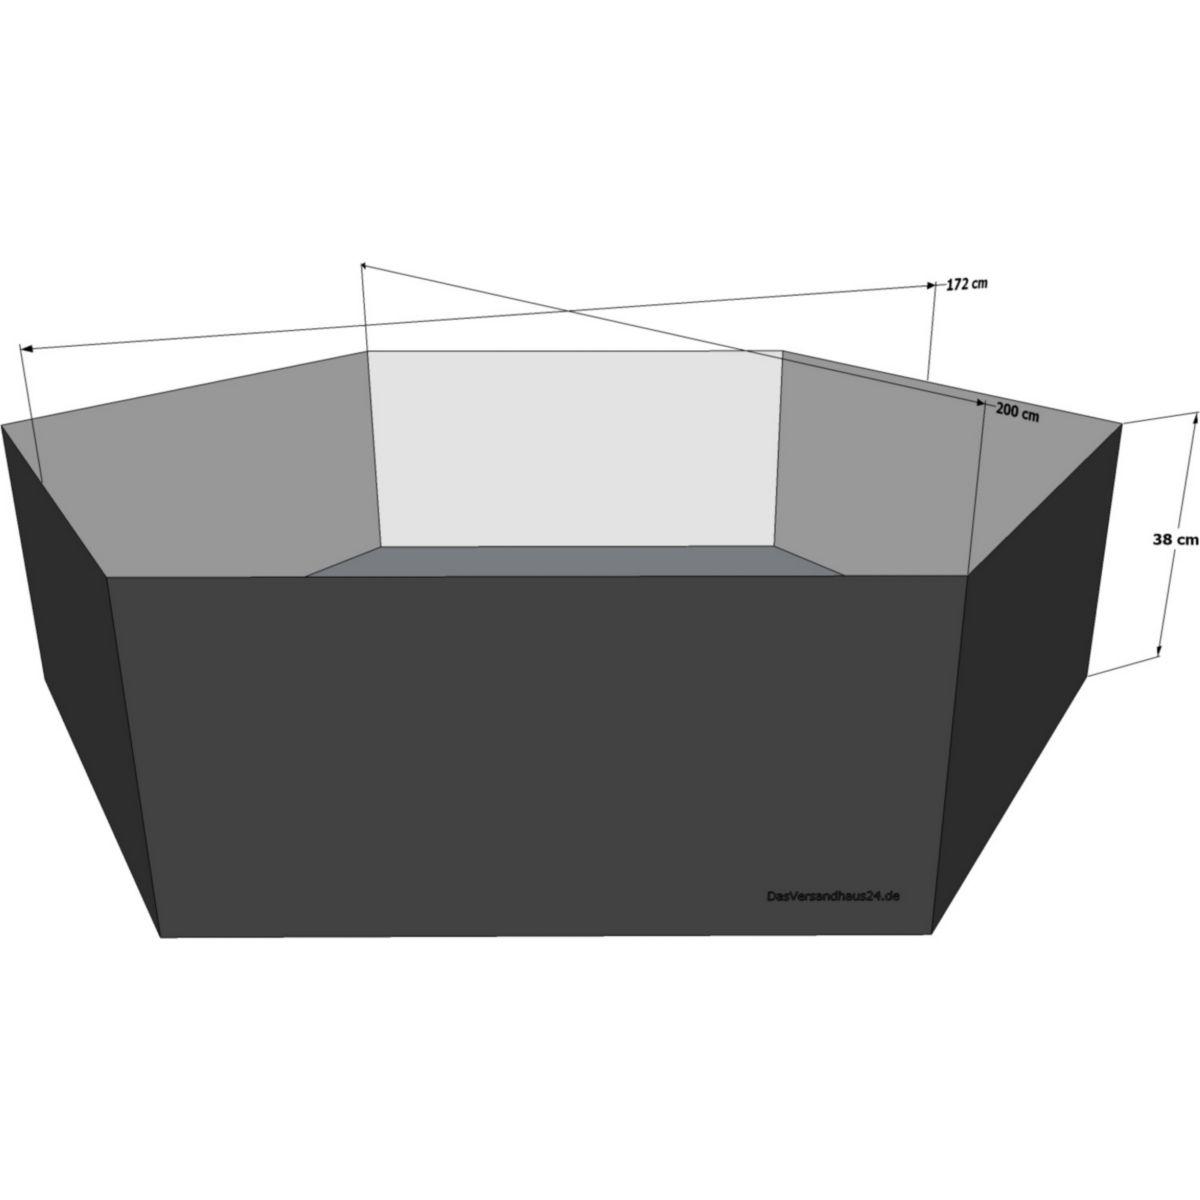 Hochteich Teich Einsatz Ø 200cm jetztbilligerkaufen